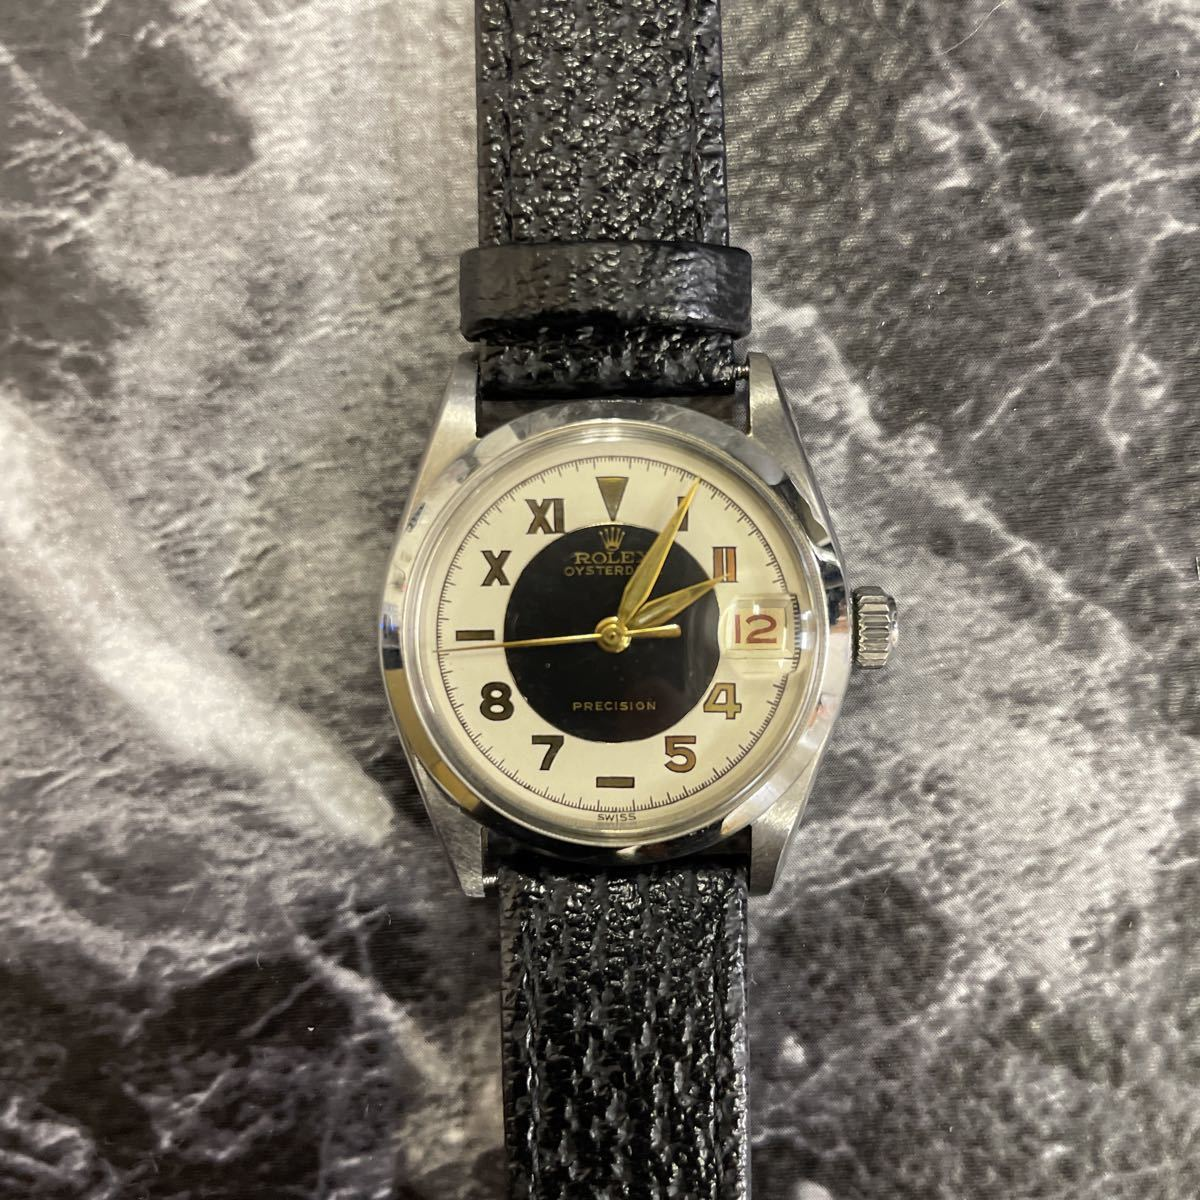 希少文字盤・稼働品・ROLEX ロレックス オイスターデイト プレシジョン 腕時計 ボーイズ メンズ 6466 17石 アンティーク 手巻き式//3260